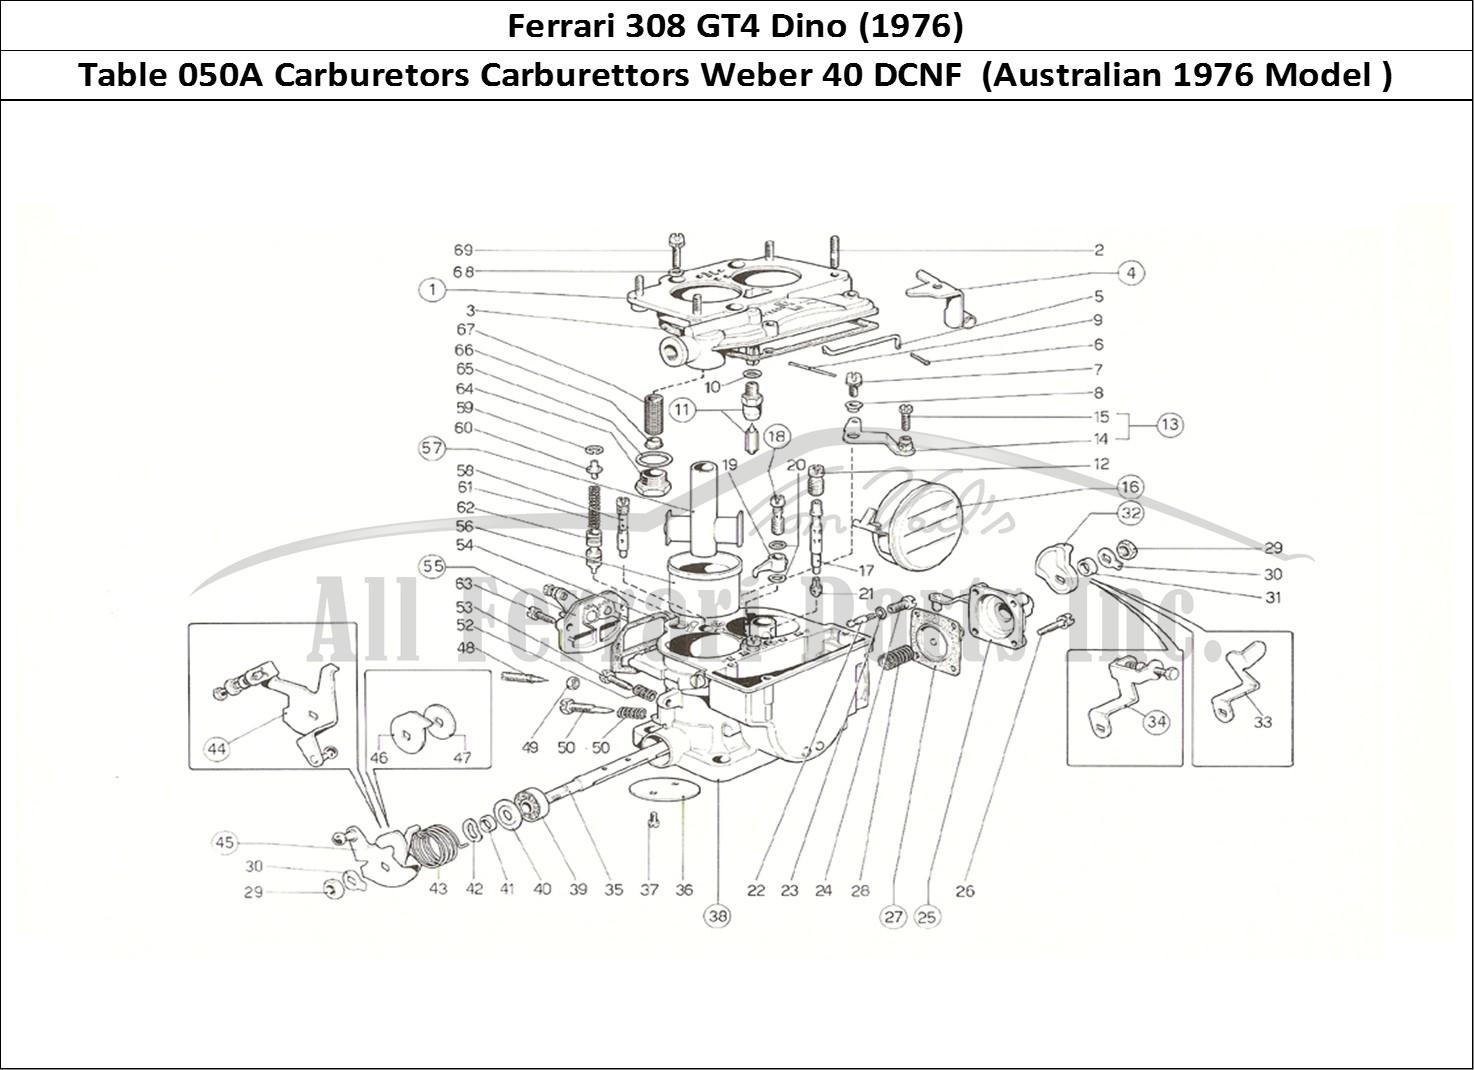 Buy original Ferrari 308 GT4 Dino (1976) 050A Carburetors